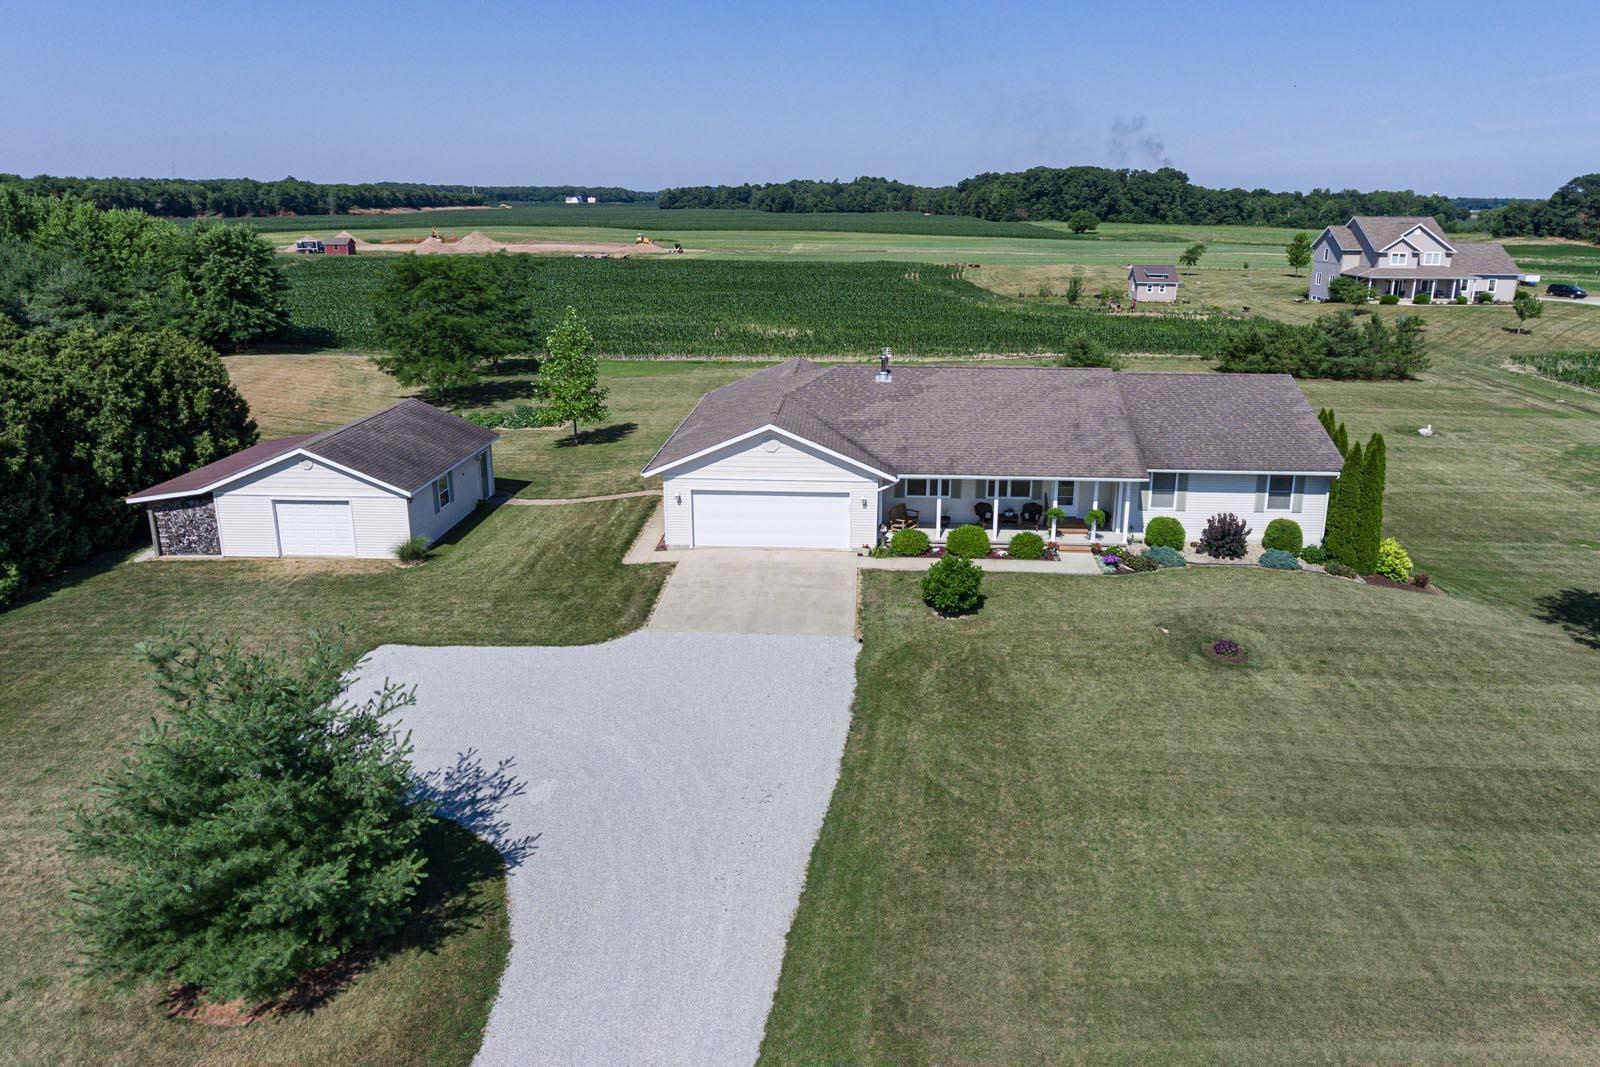 Photo of 67511 County road 37 Road, Millersburg, IN 46543 (MLS # 202026079)